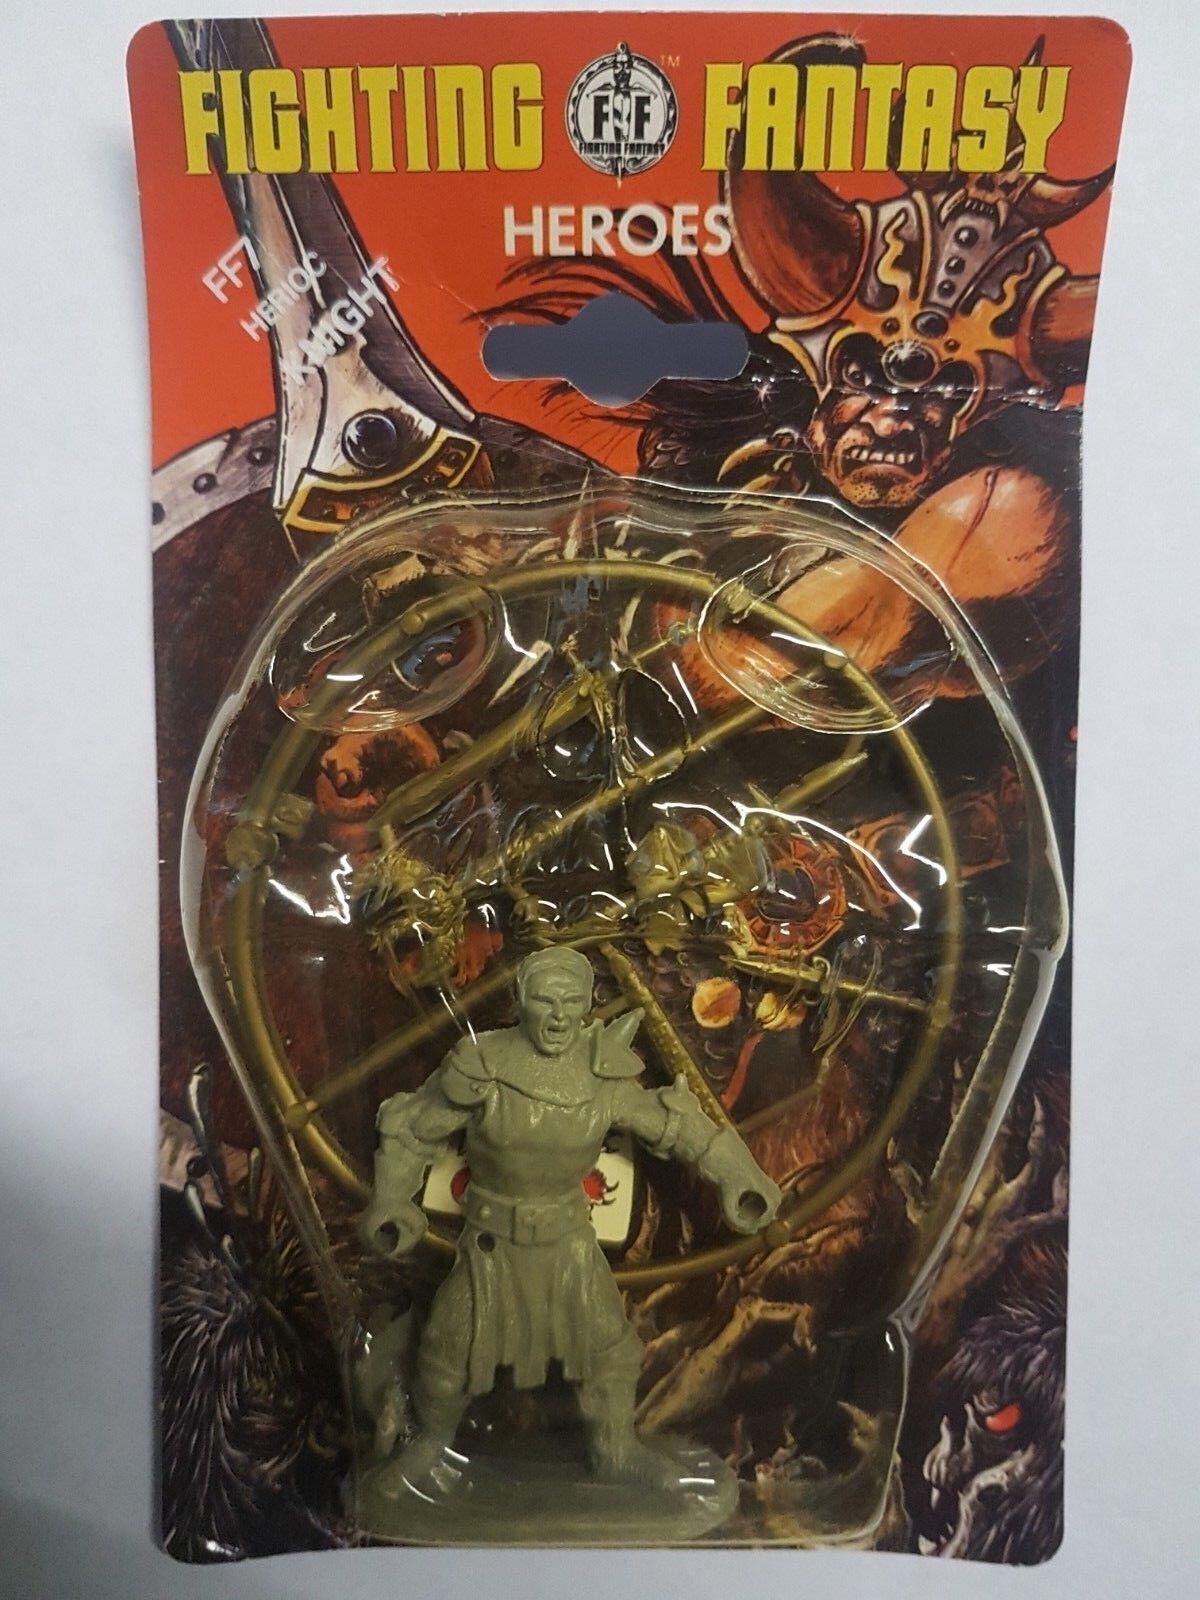 FF07 Heroica Caballero - Lucha Fantasía Heroes - Tienda Juegos-1982-Precintado